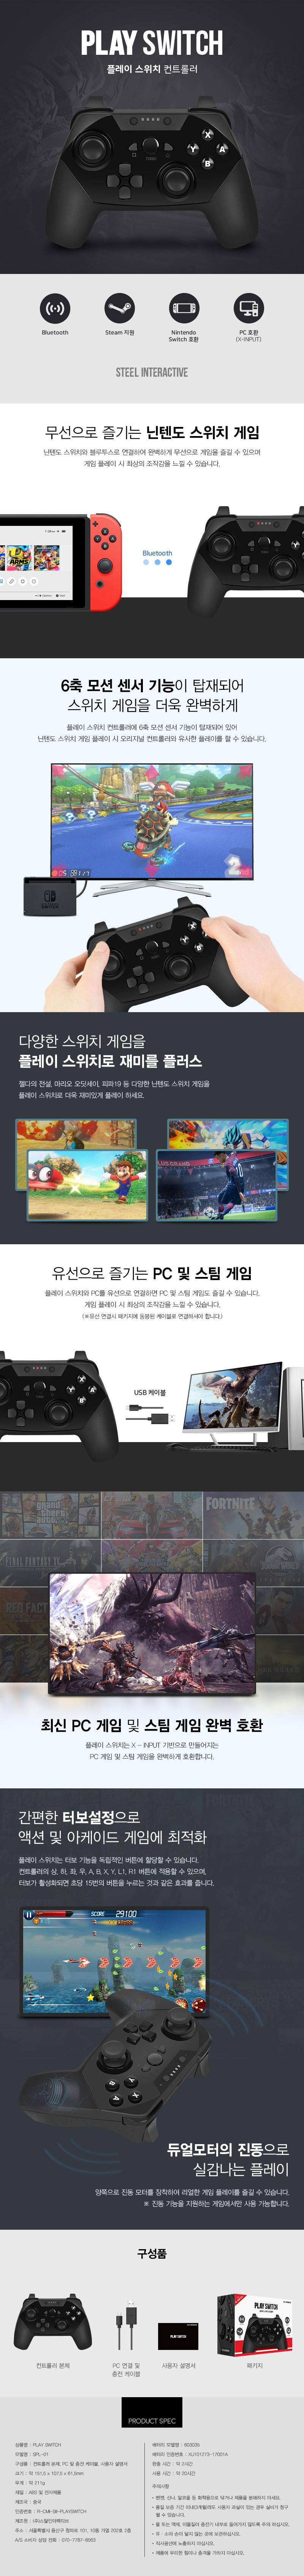 플레이 스위치 블루투스무선패드 (PC연결가능) - 게임팩토리, 31,500원, 게임기, 닌텐도 게임주변기기